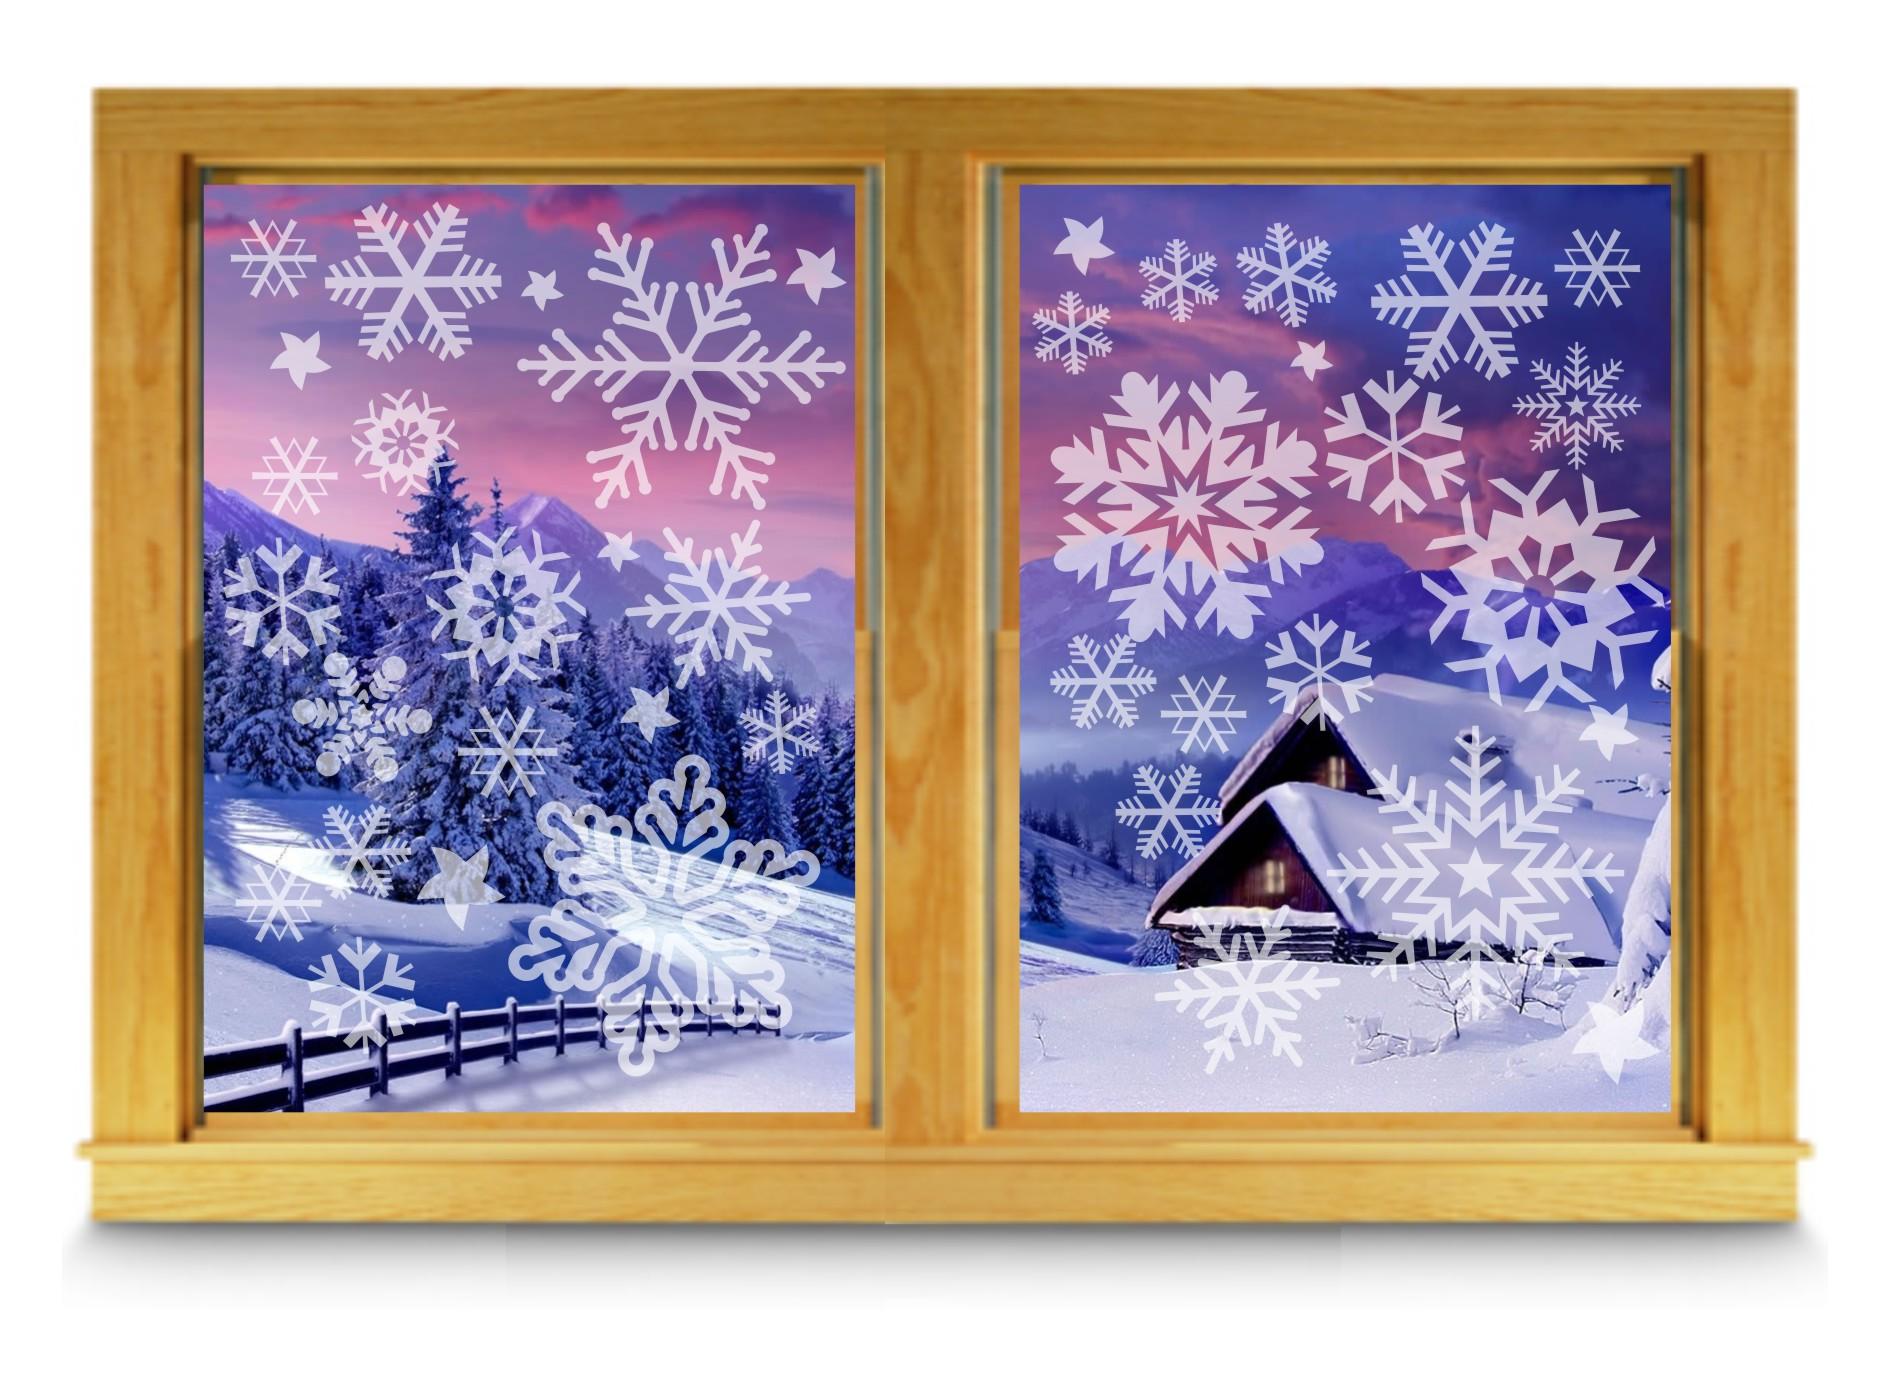 Samolepiaca snehová vločka - mrazený sklenený efekt!